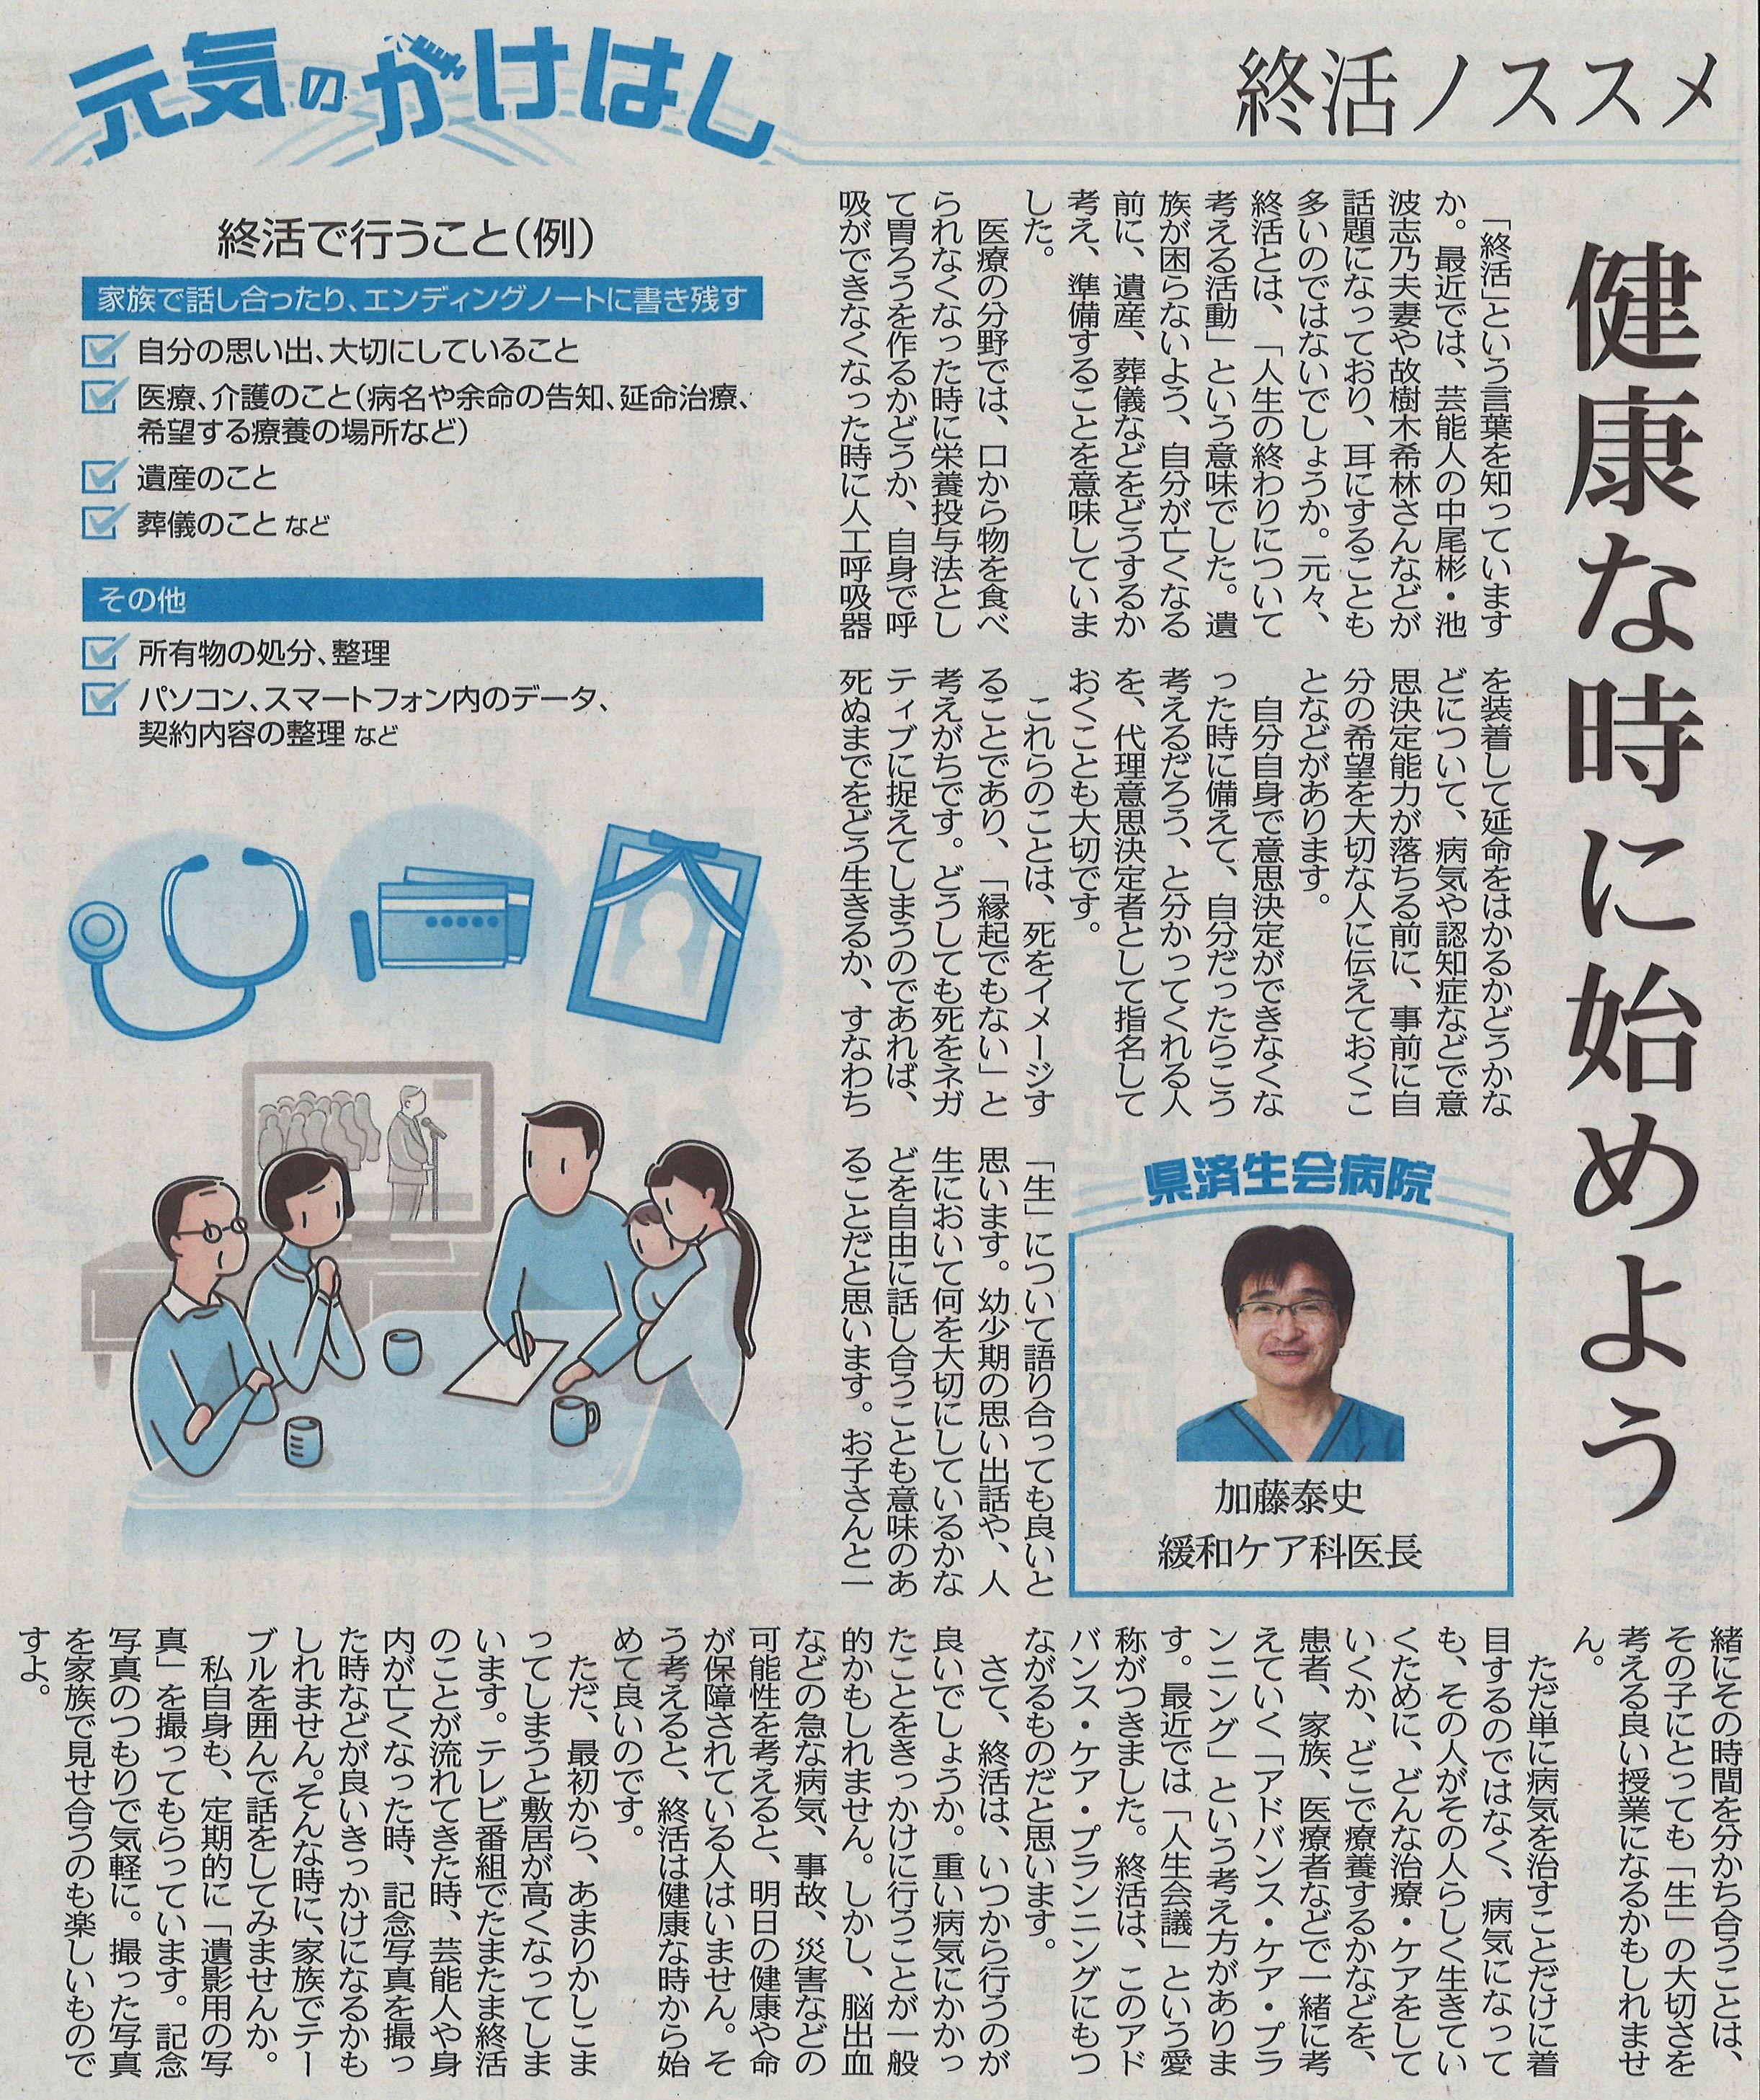 2018年12月13日 日刊県民福井